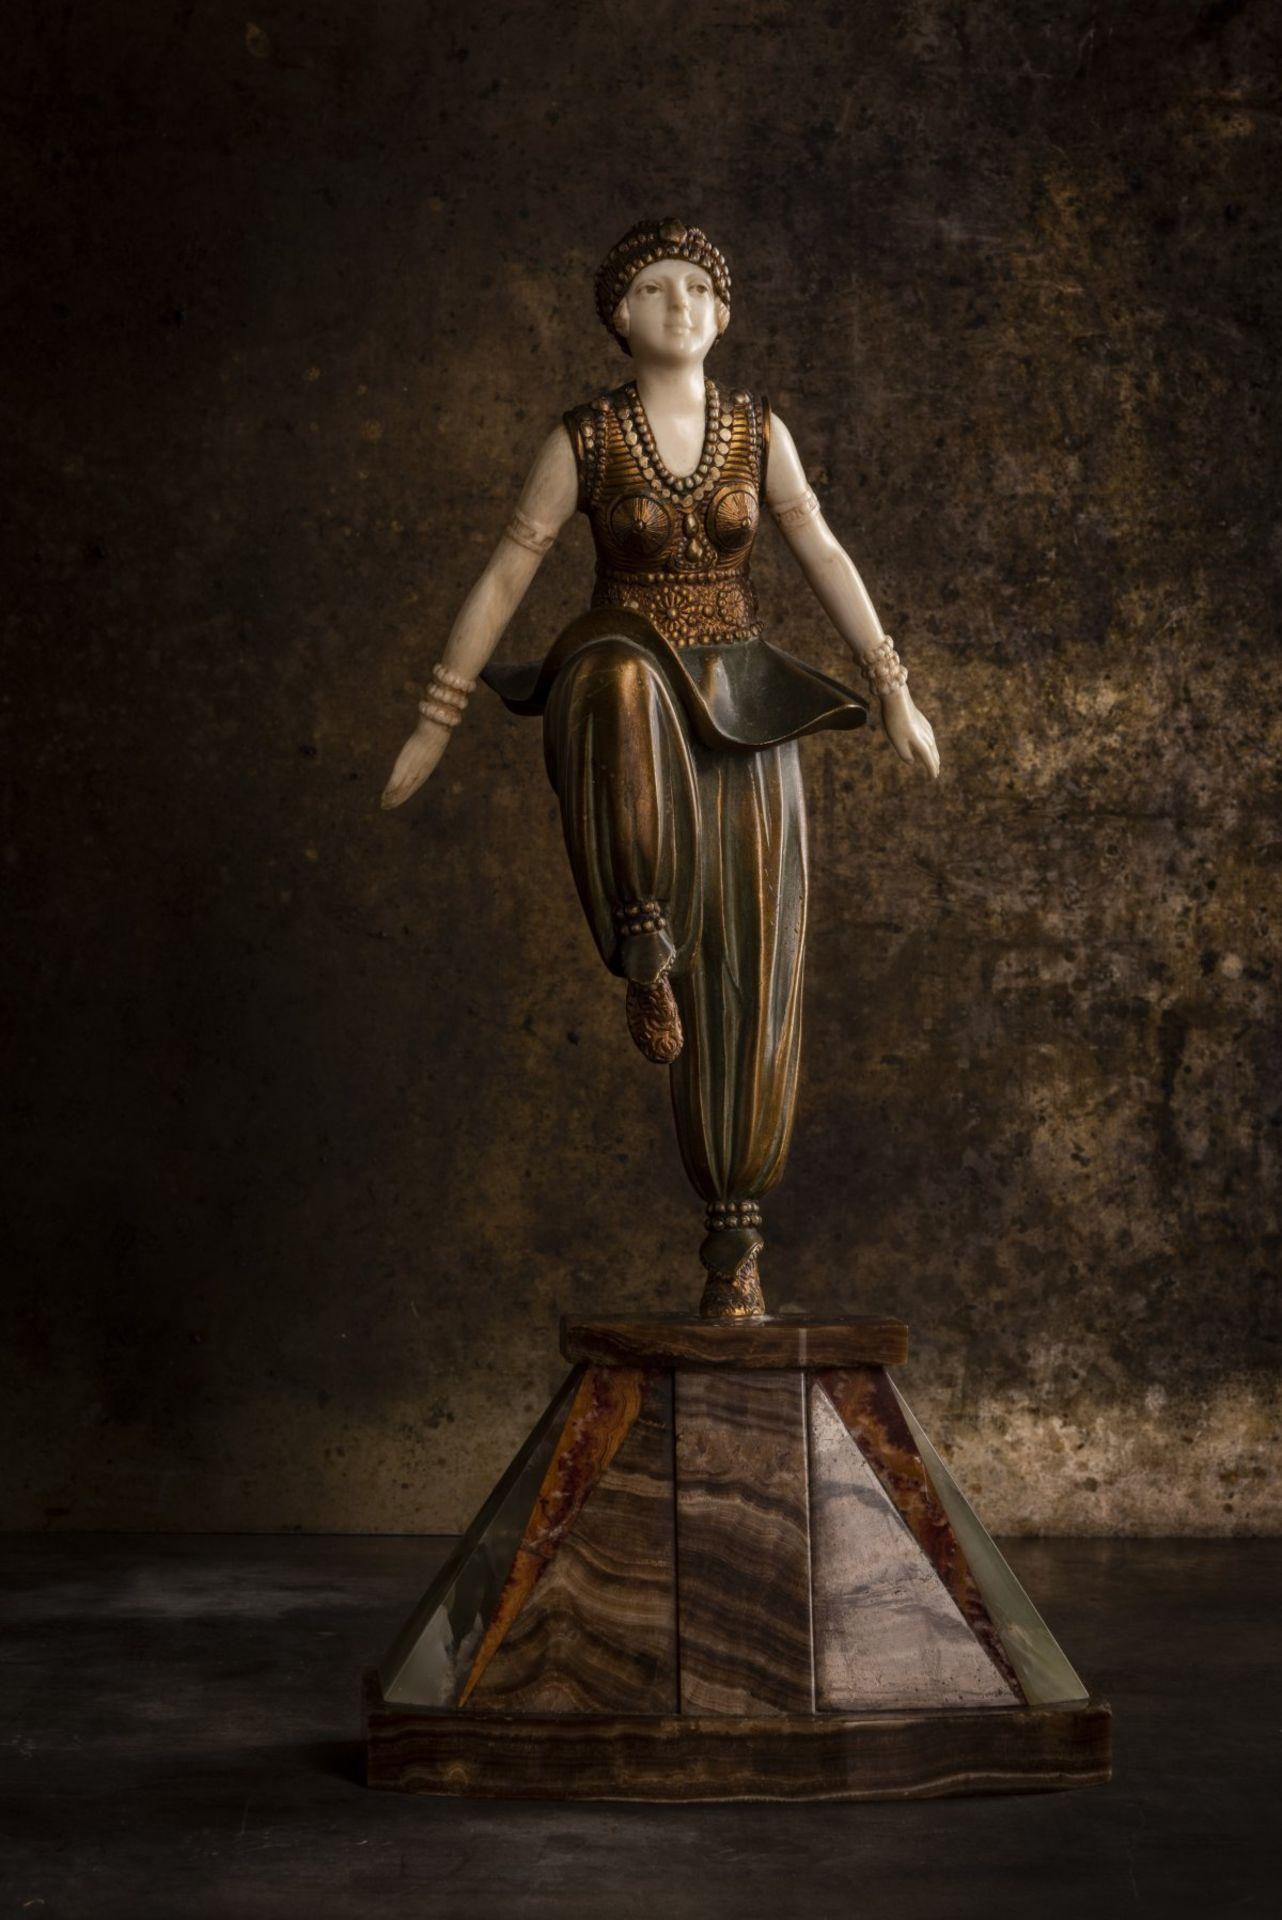 Demètre H. Chiparus, 'Orientalische Tänzerin', um 1925 - Bild 7 aus 9